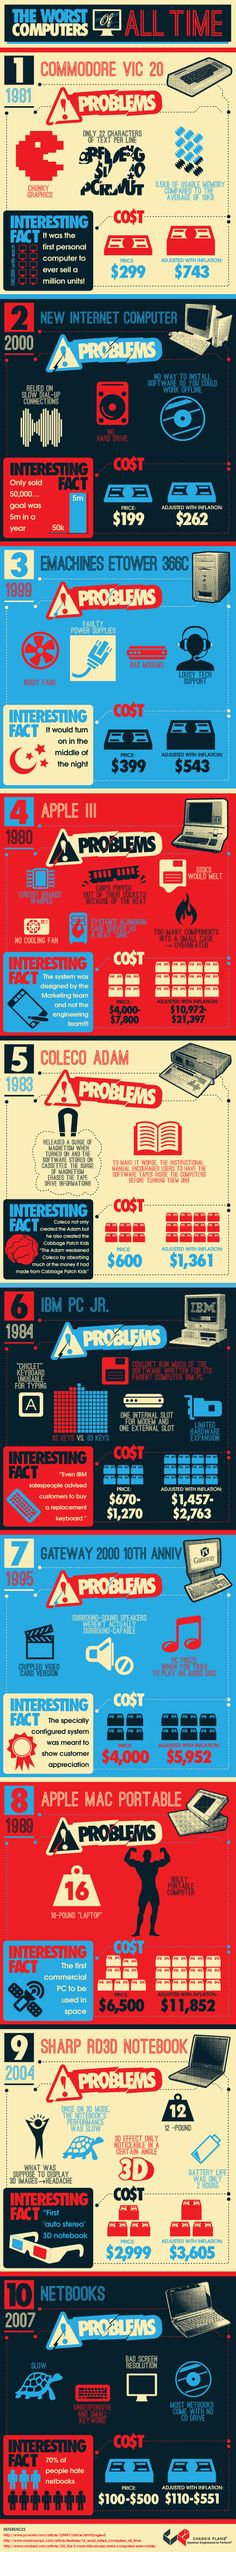 Los peores ordenadores de todos los tiempos #infografia #infographic